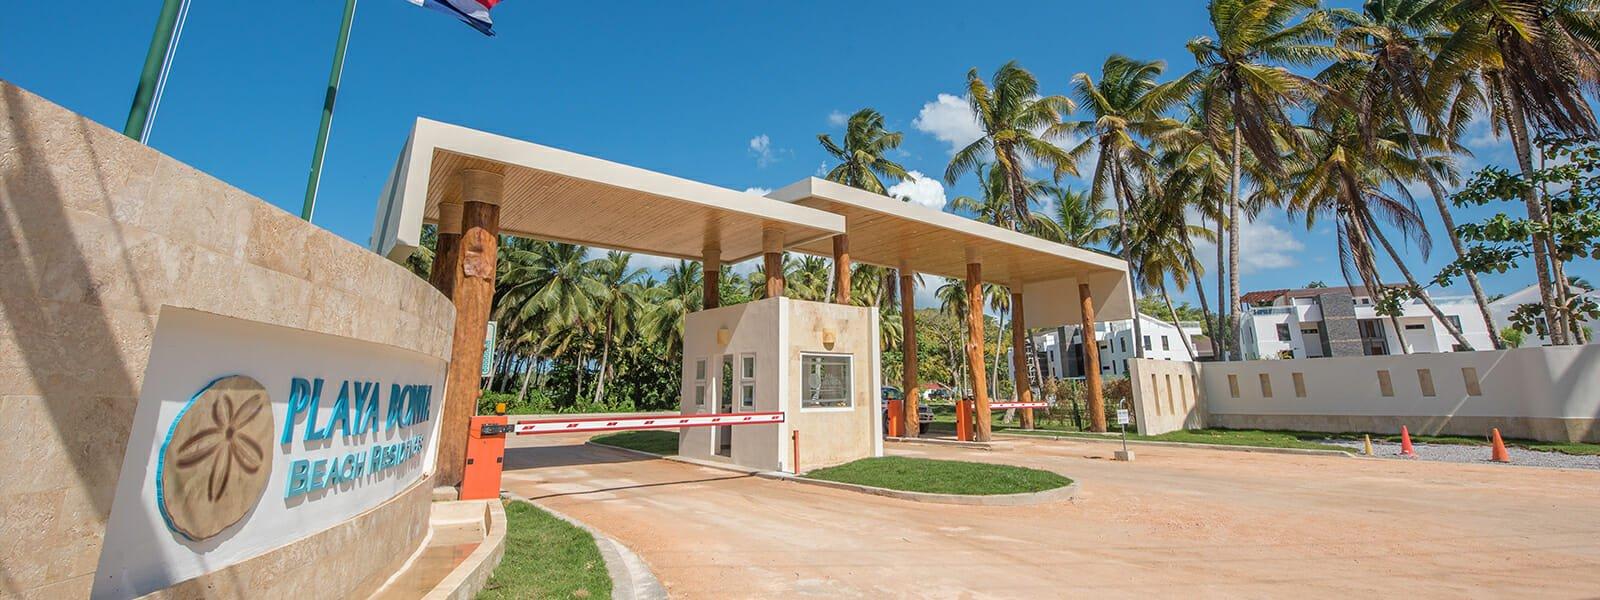 Playa Bonita   Dominican Republic Real Estate   Homes in Dominican Rep